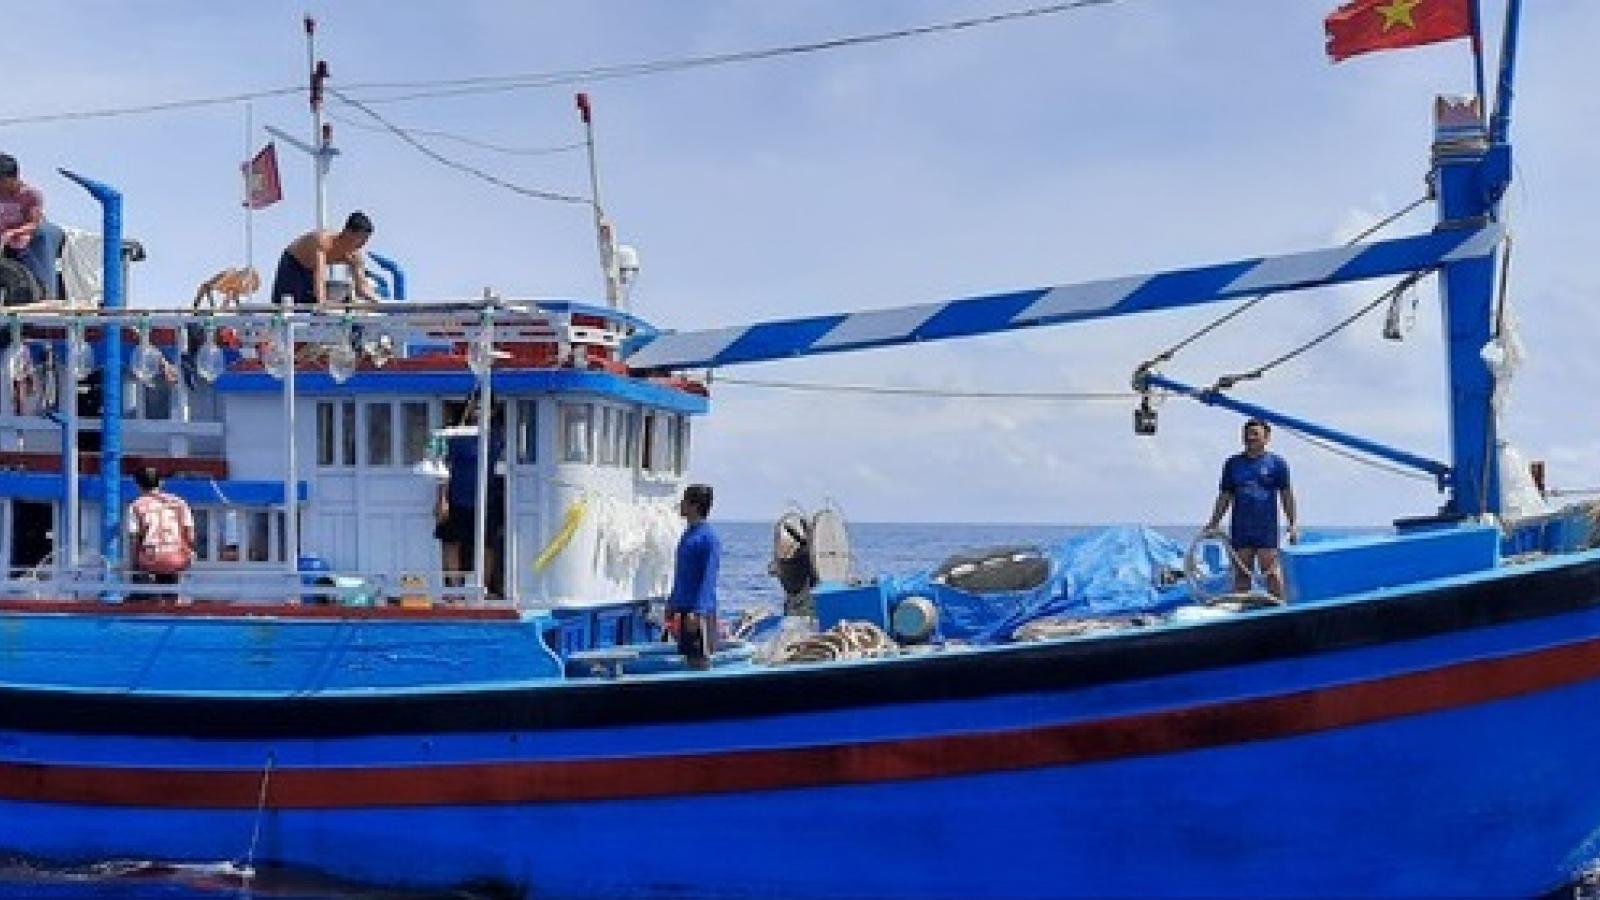 Tàu HQ 202, Vùng 2 Hải quân cấp cứu ngư dân trên biển